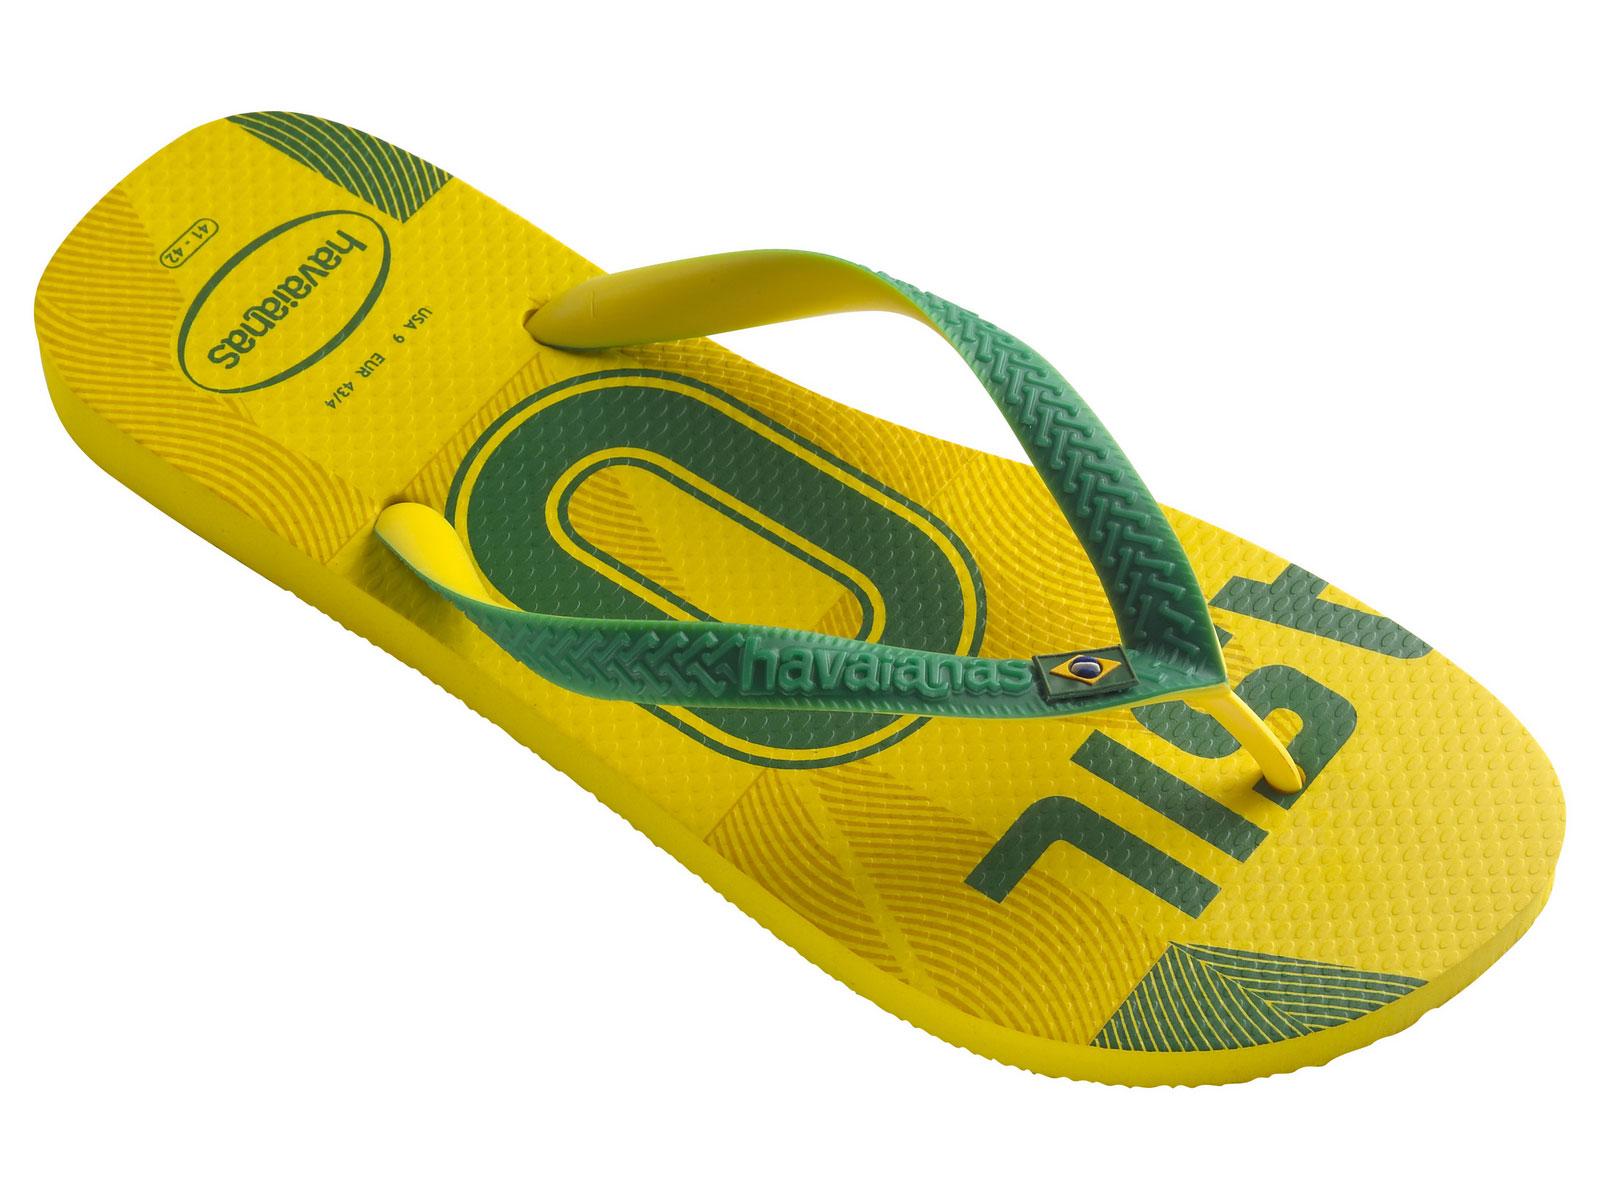 Flip-flops - Teams Ii Citrus Yellow